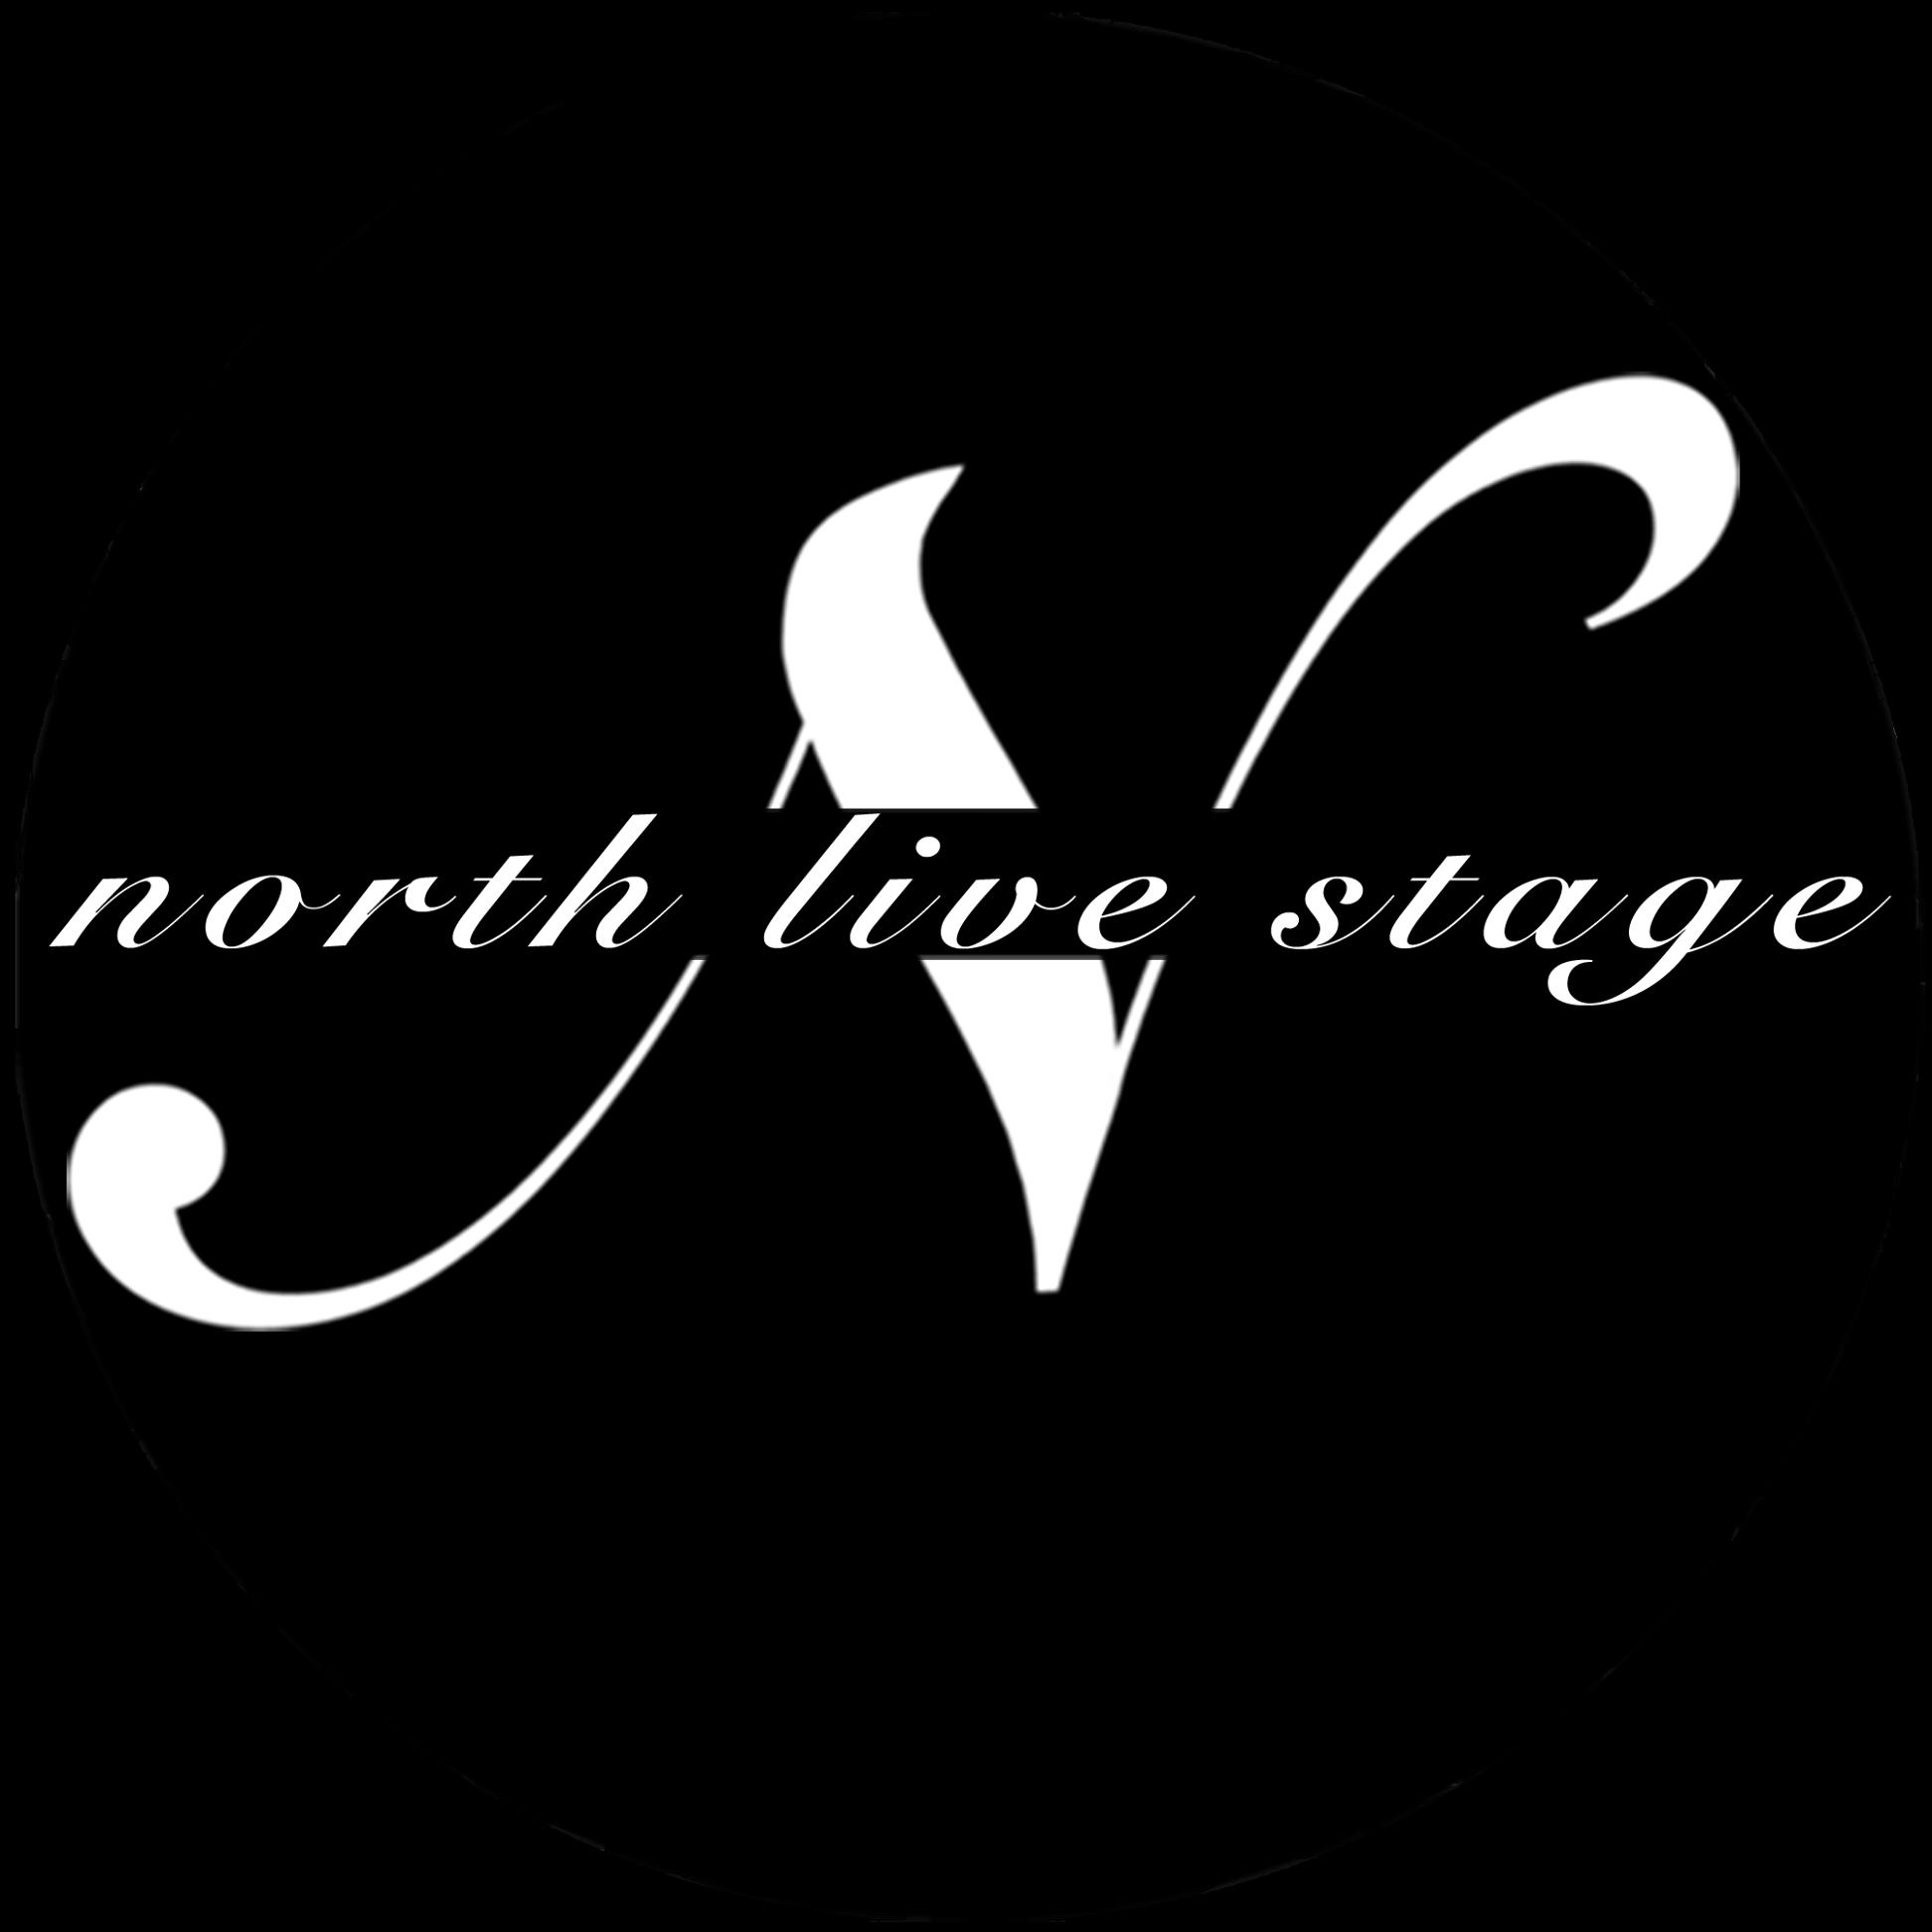 Εμπατή Κηφισιά North live stage 2019 Τηλέφωνο 211.850.3680. κρατήσεις, διεύθυνση, τιμές, χάρτης καλίδης, πετρέλης , πανταζής. empati νορθ kalidis petrelis